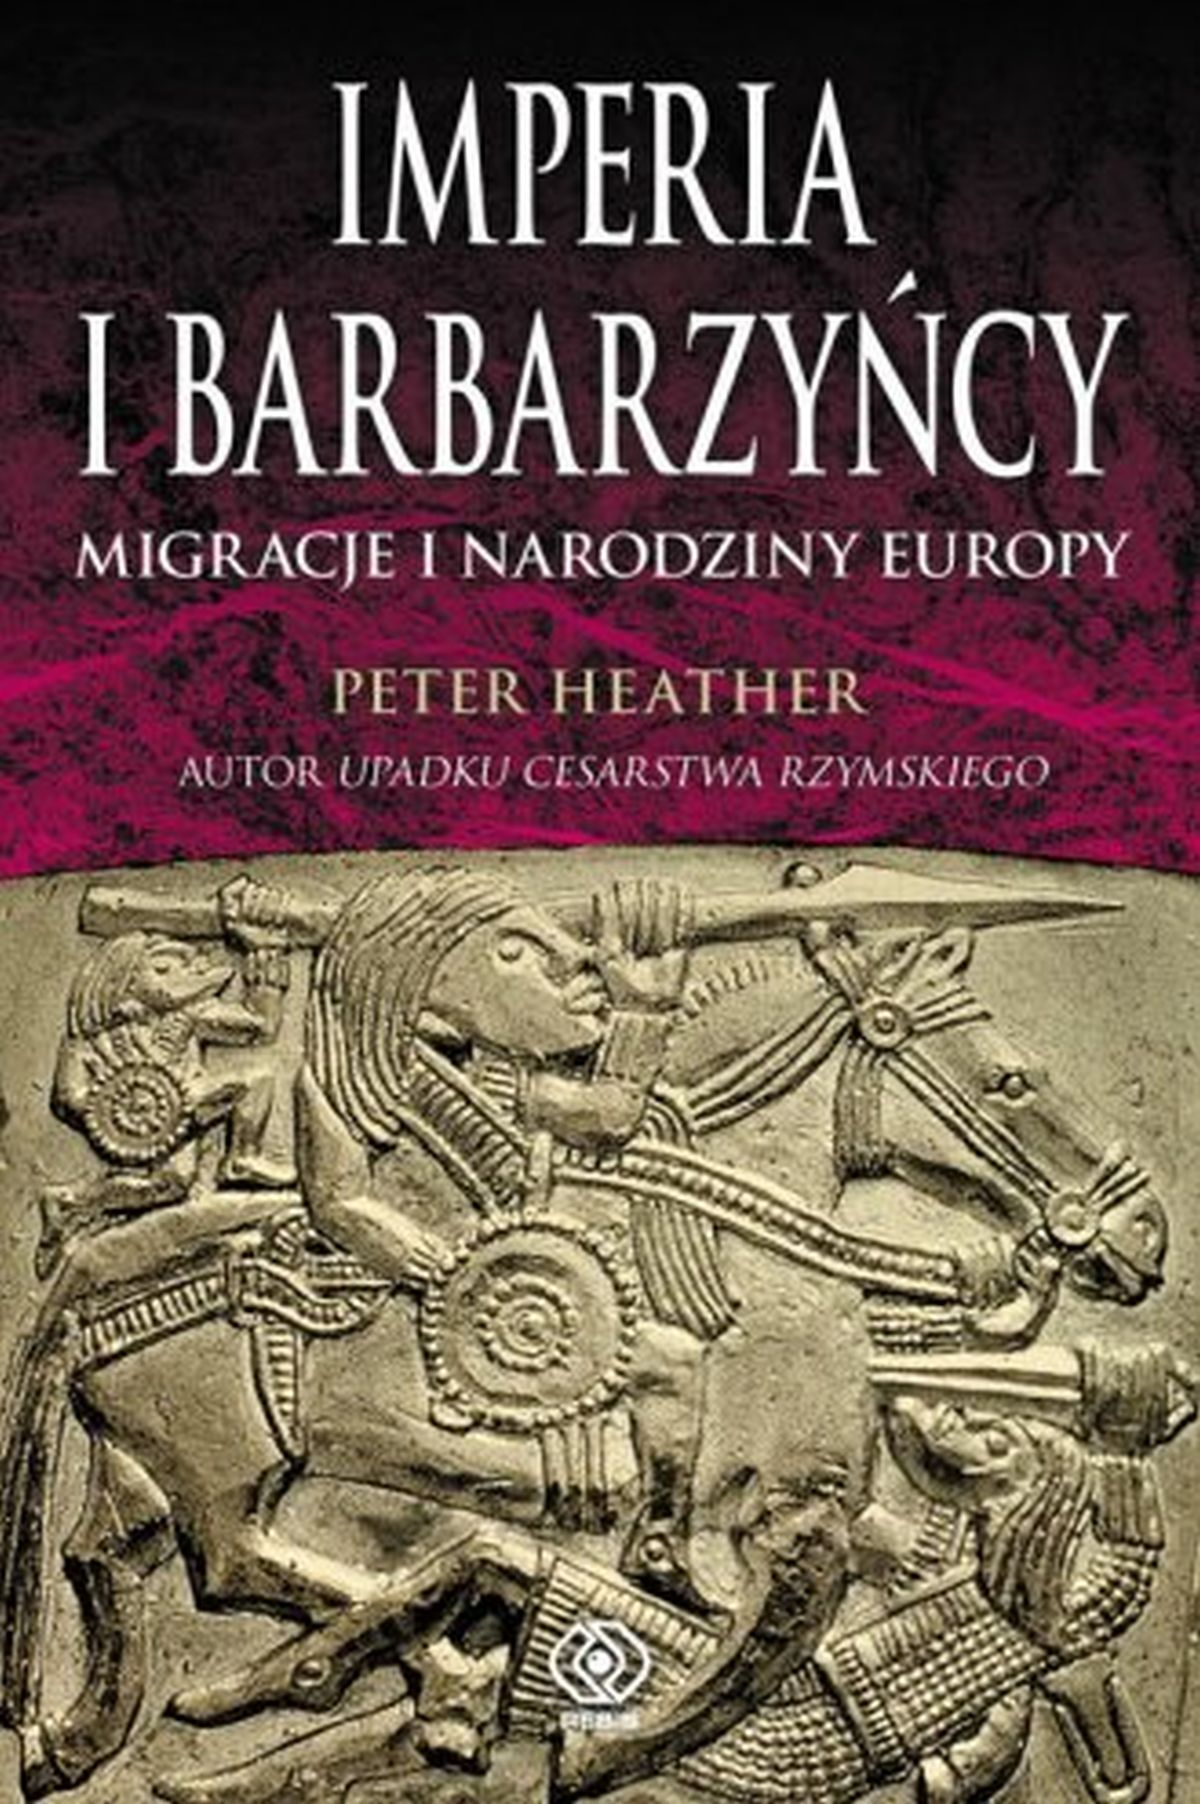 Imperia i barbarzyńcy